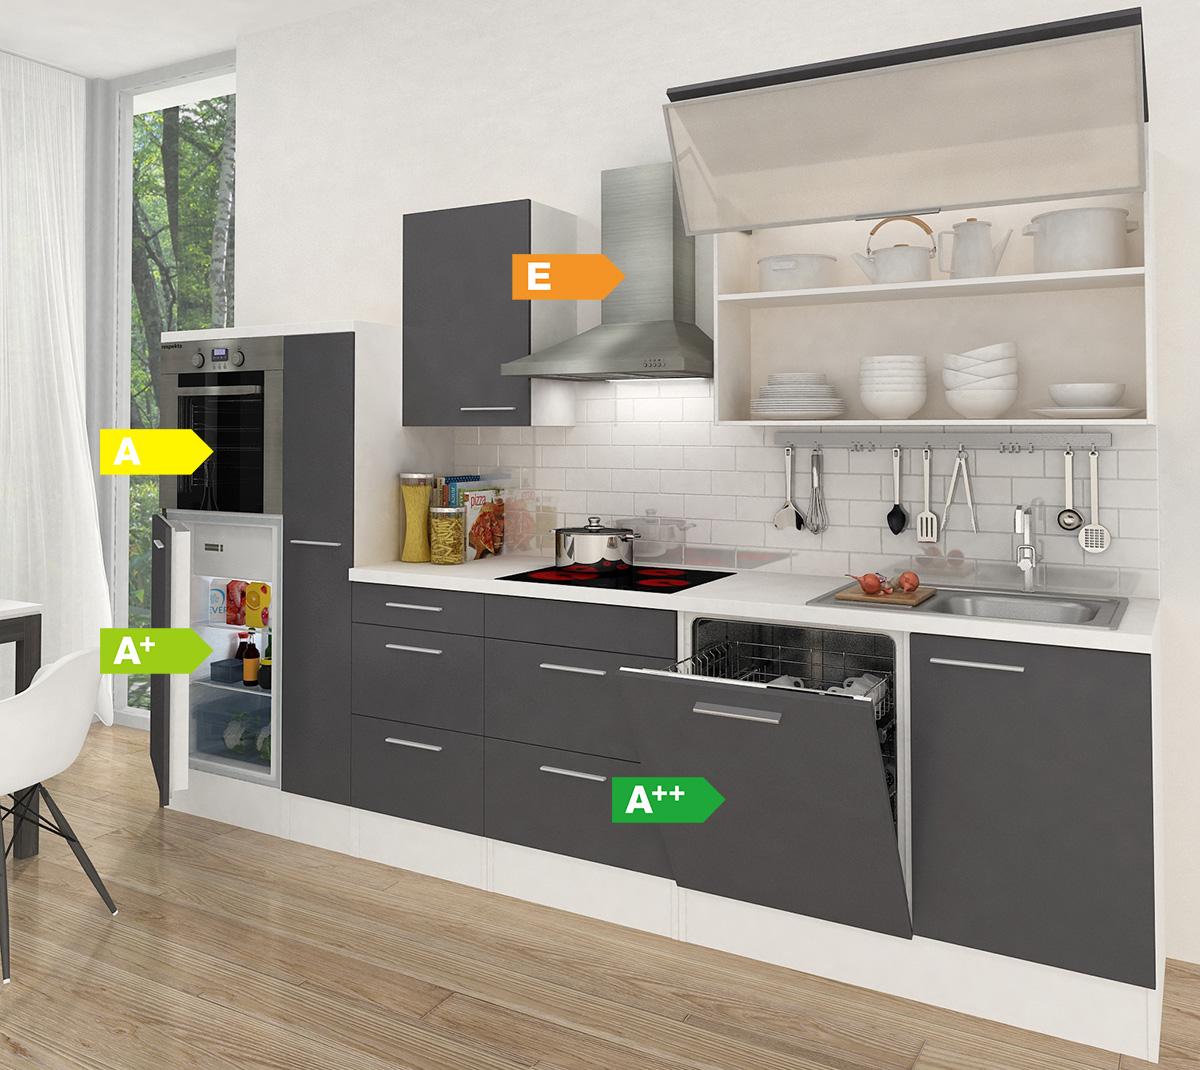 Fantastisch Küche Sammelstellen Zeitgenössisch - Küche Set Ideen ...